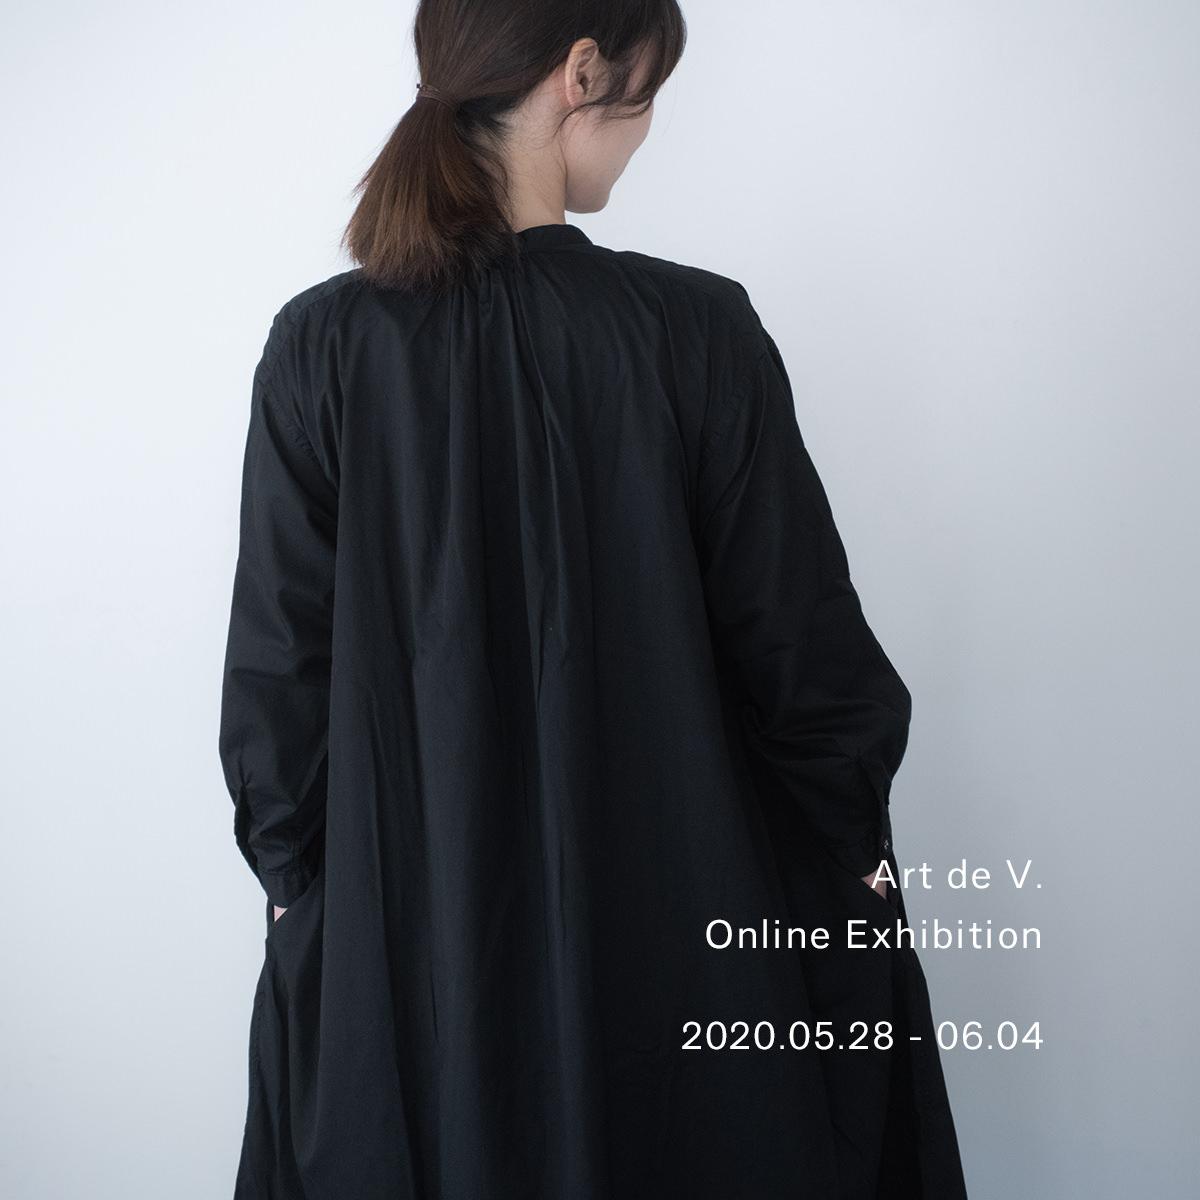 5.28 – 【Art de V. Online Exhibition】開催のお知らせ